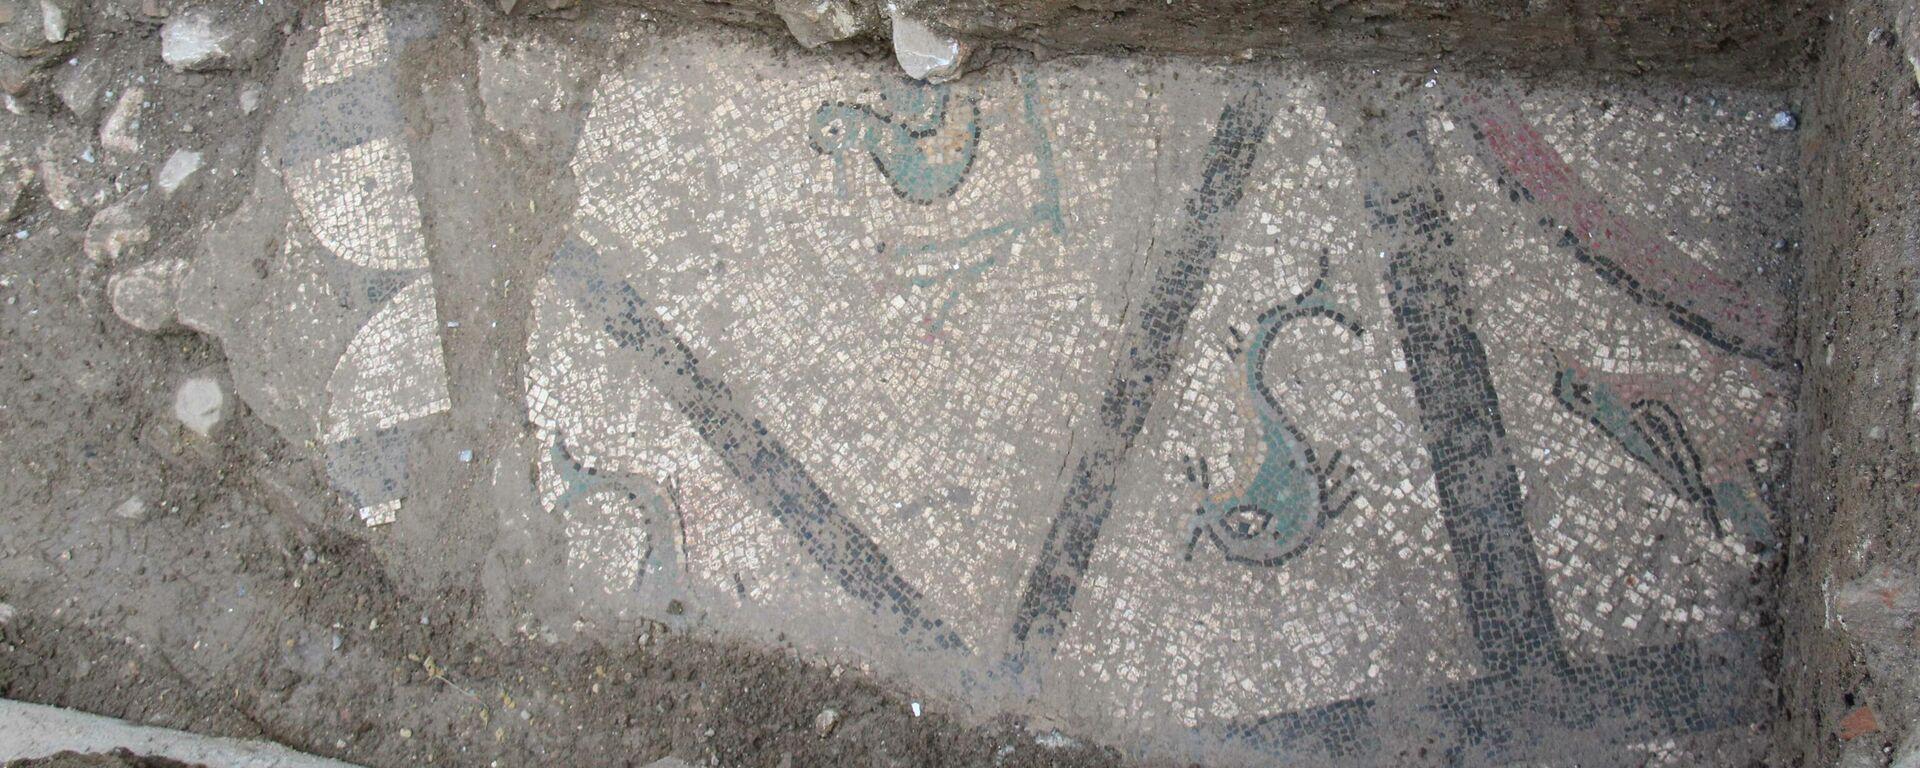 Mosaico romano hallado en 2021 en Cártama - Sputnik Mundo, 1920, 17.02.2021